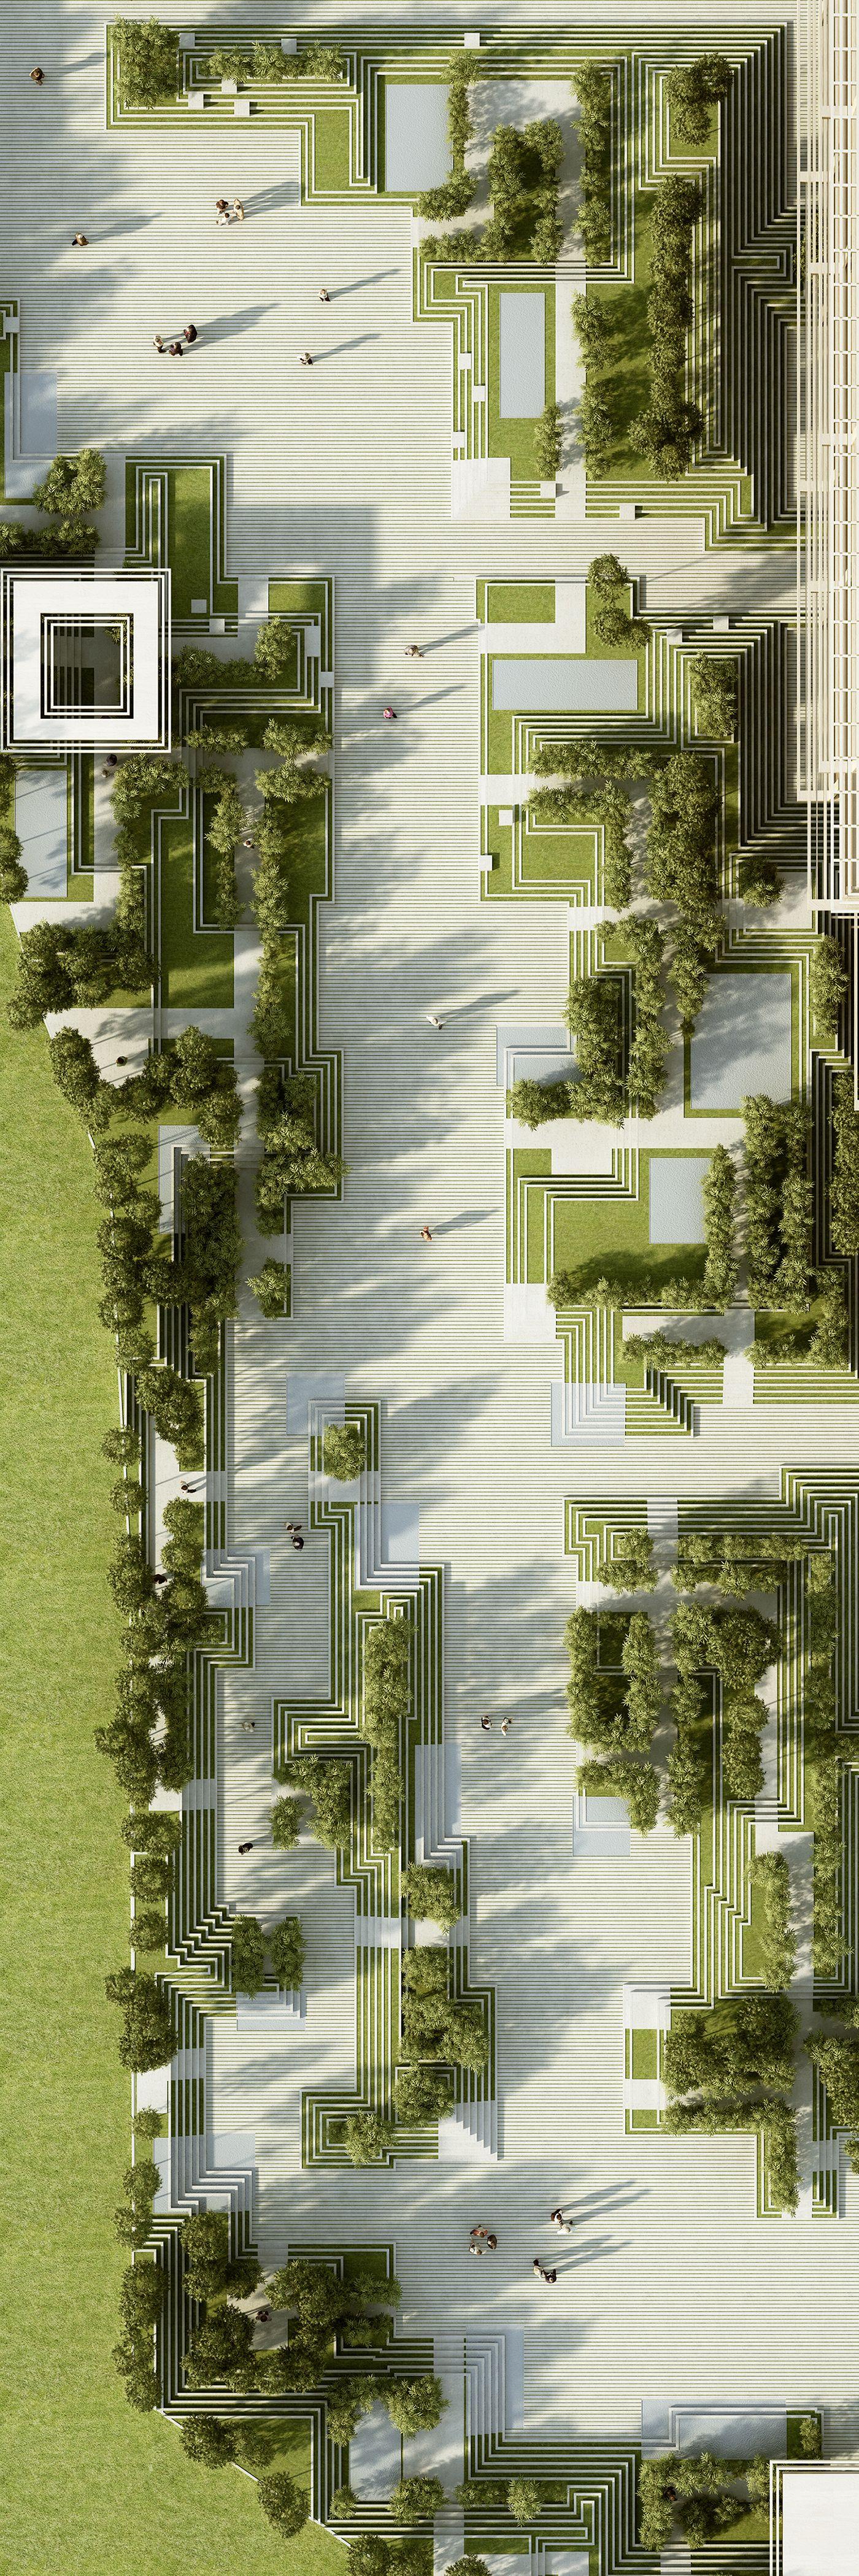 City Garden Design Ideas: The Project Describes A Landscape Design And Facade Design